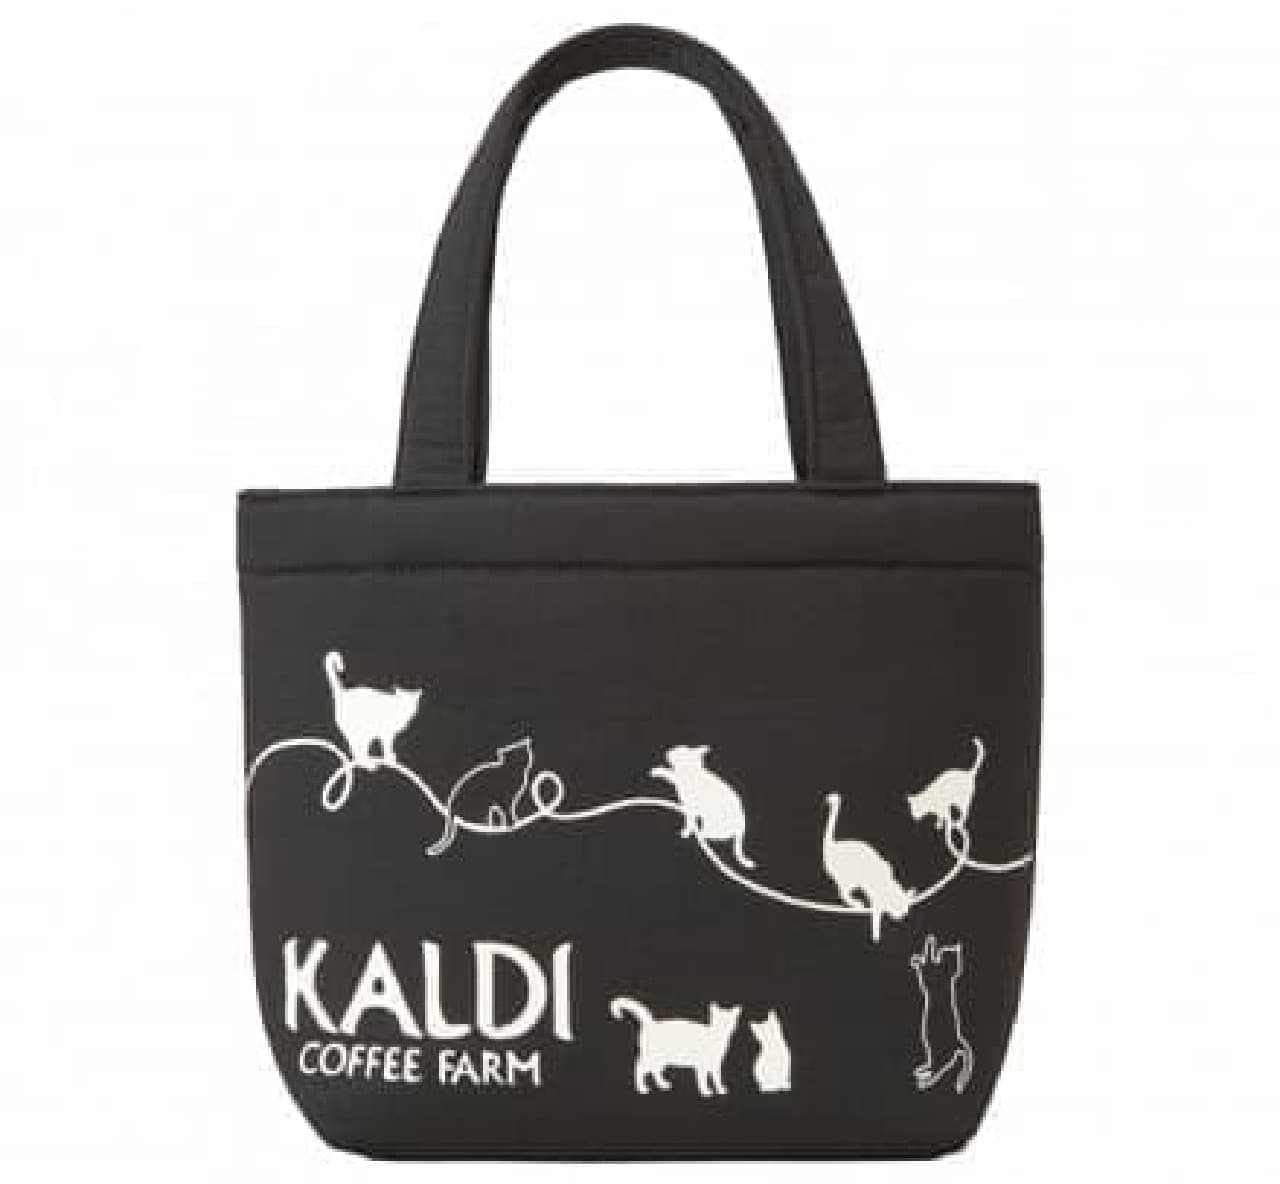 カルディコーヒーファーム「ネコの日バッグ」